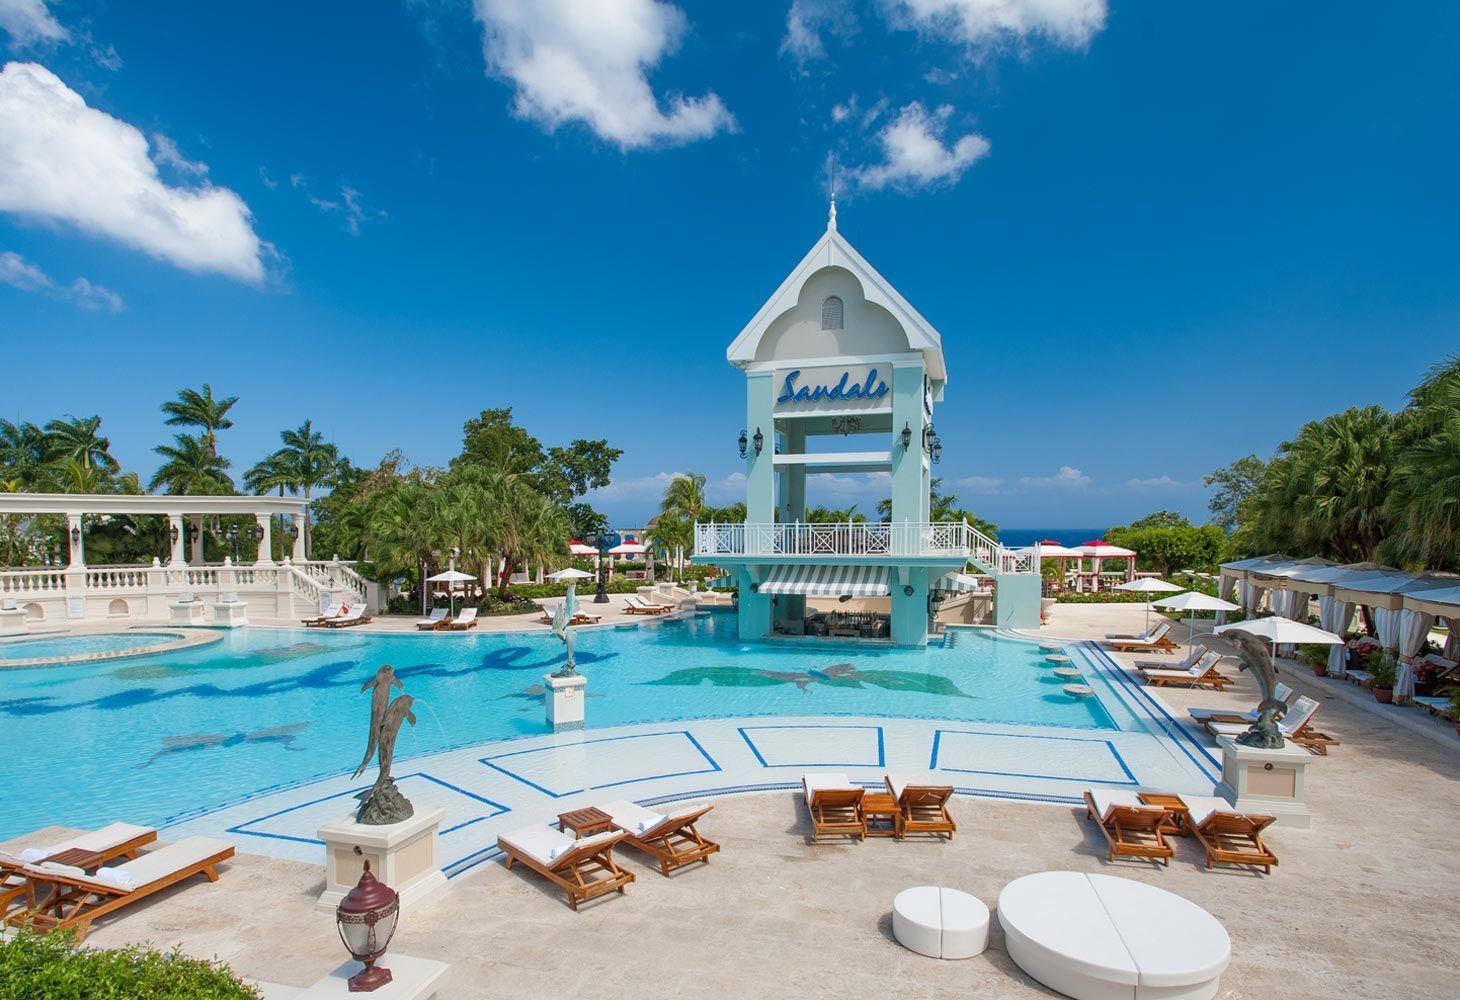 Sandals Ochi swimming pool